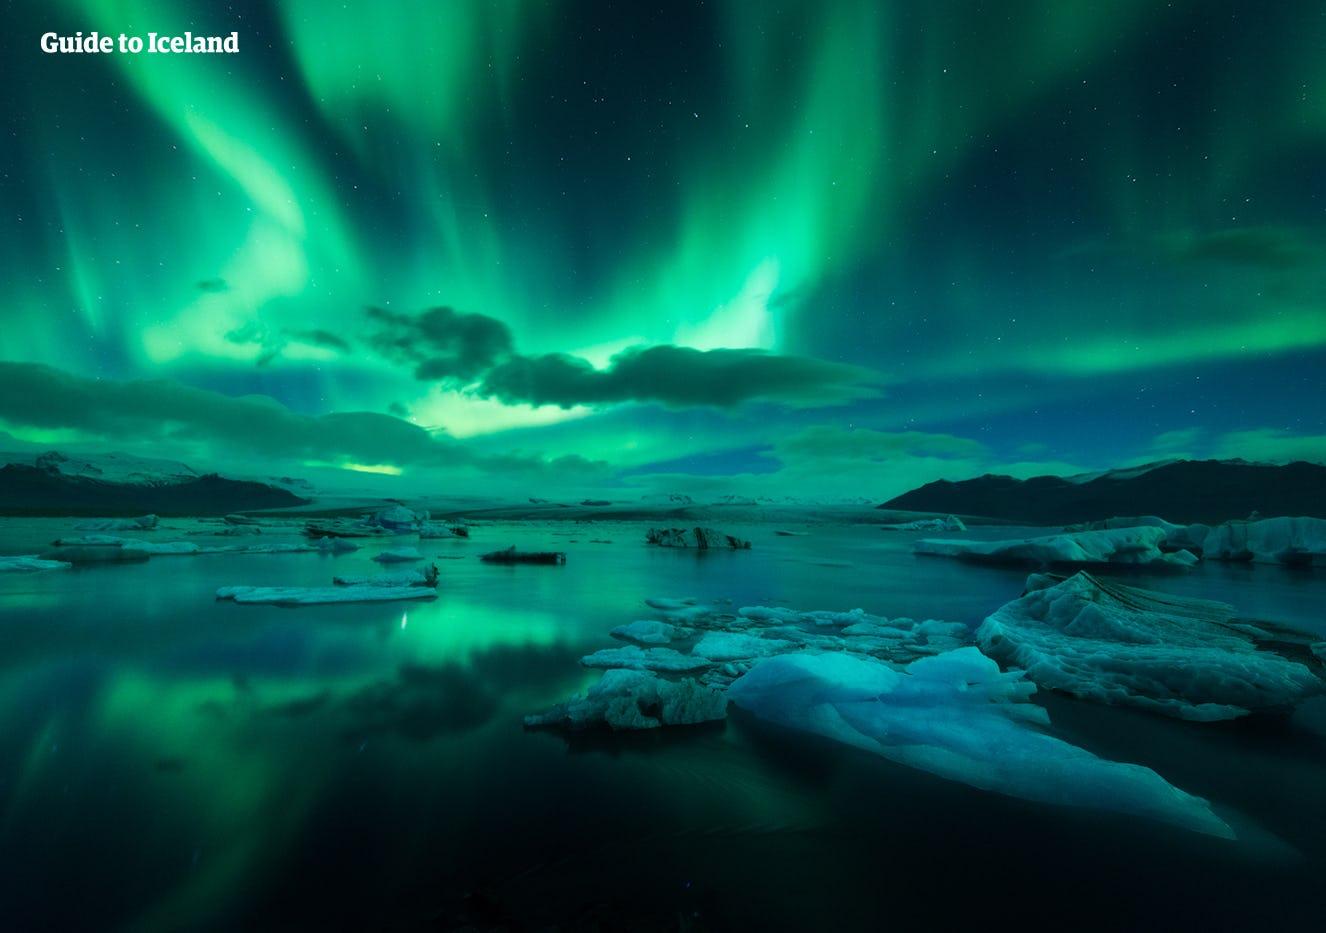 Die Nordlichter über der Gletscherlagune Jokusarlon.